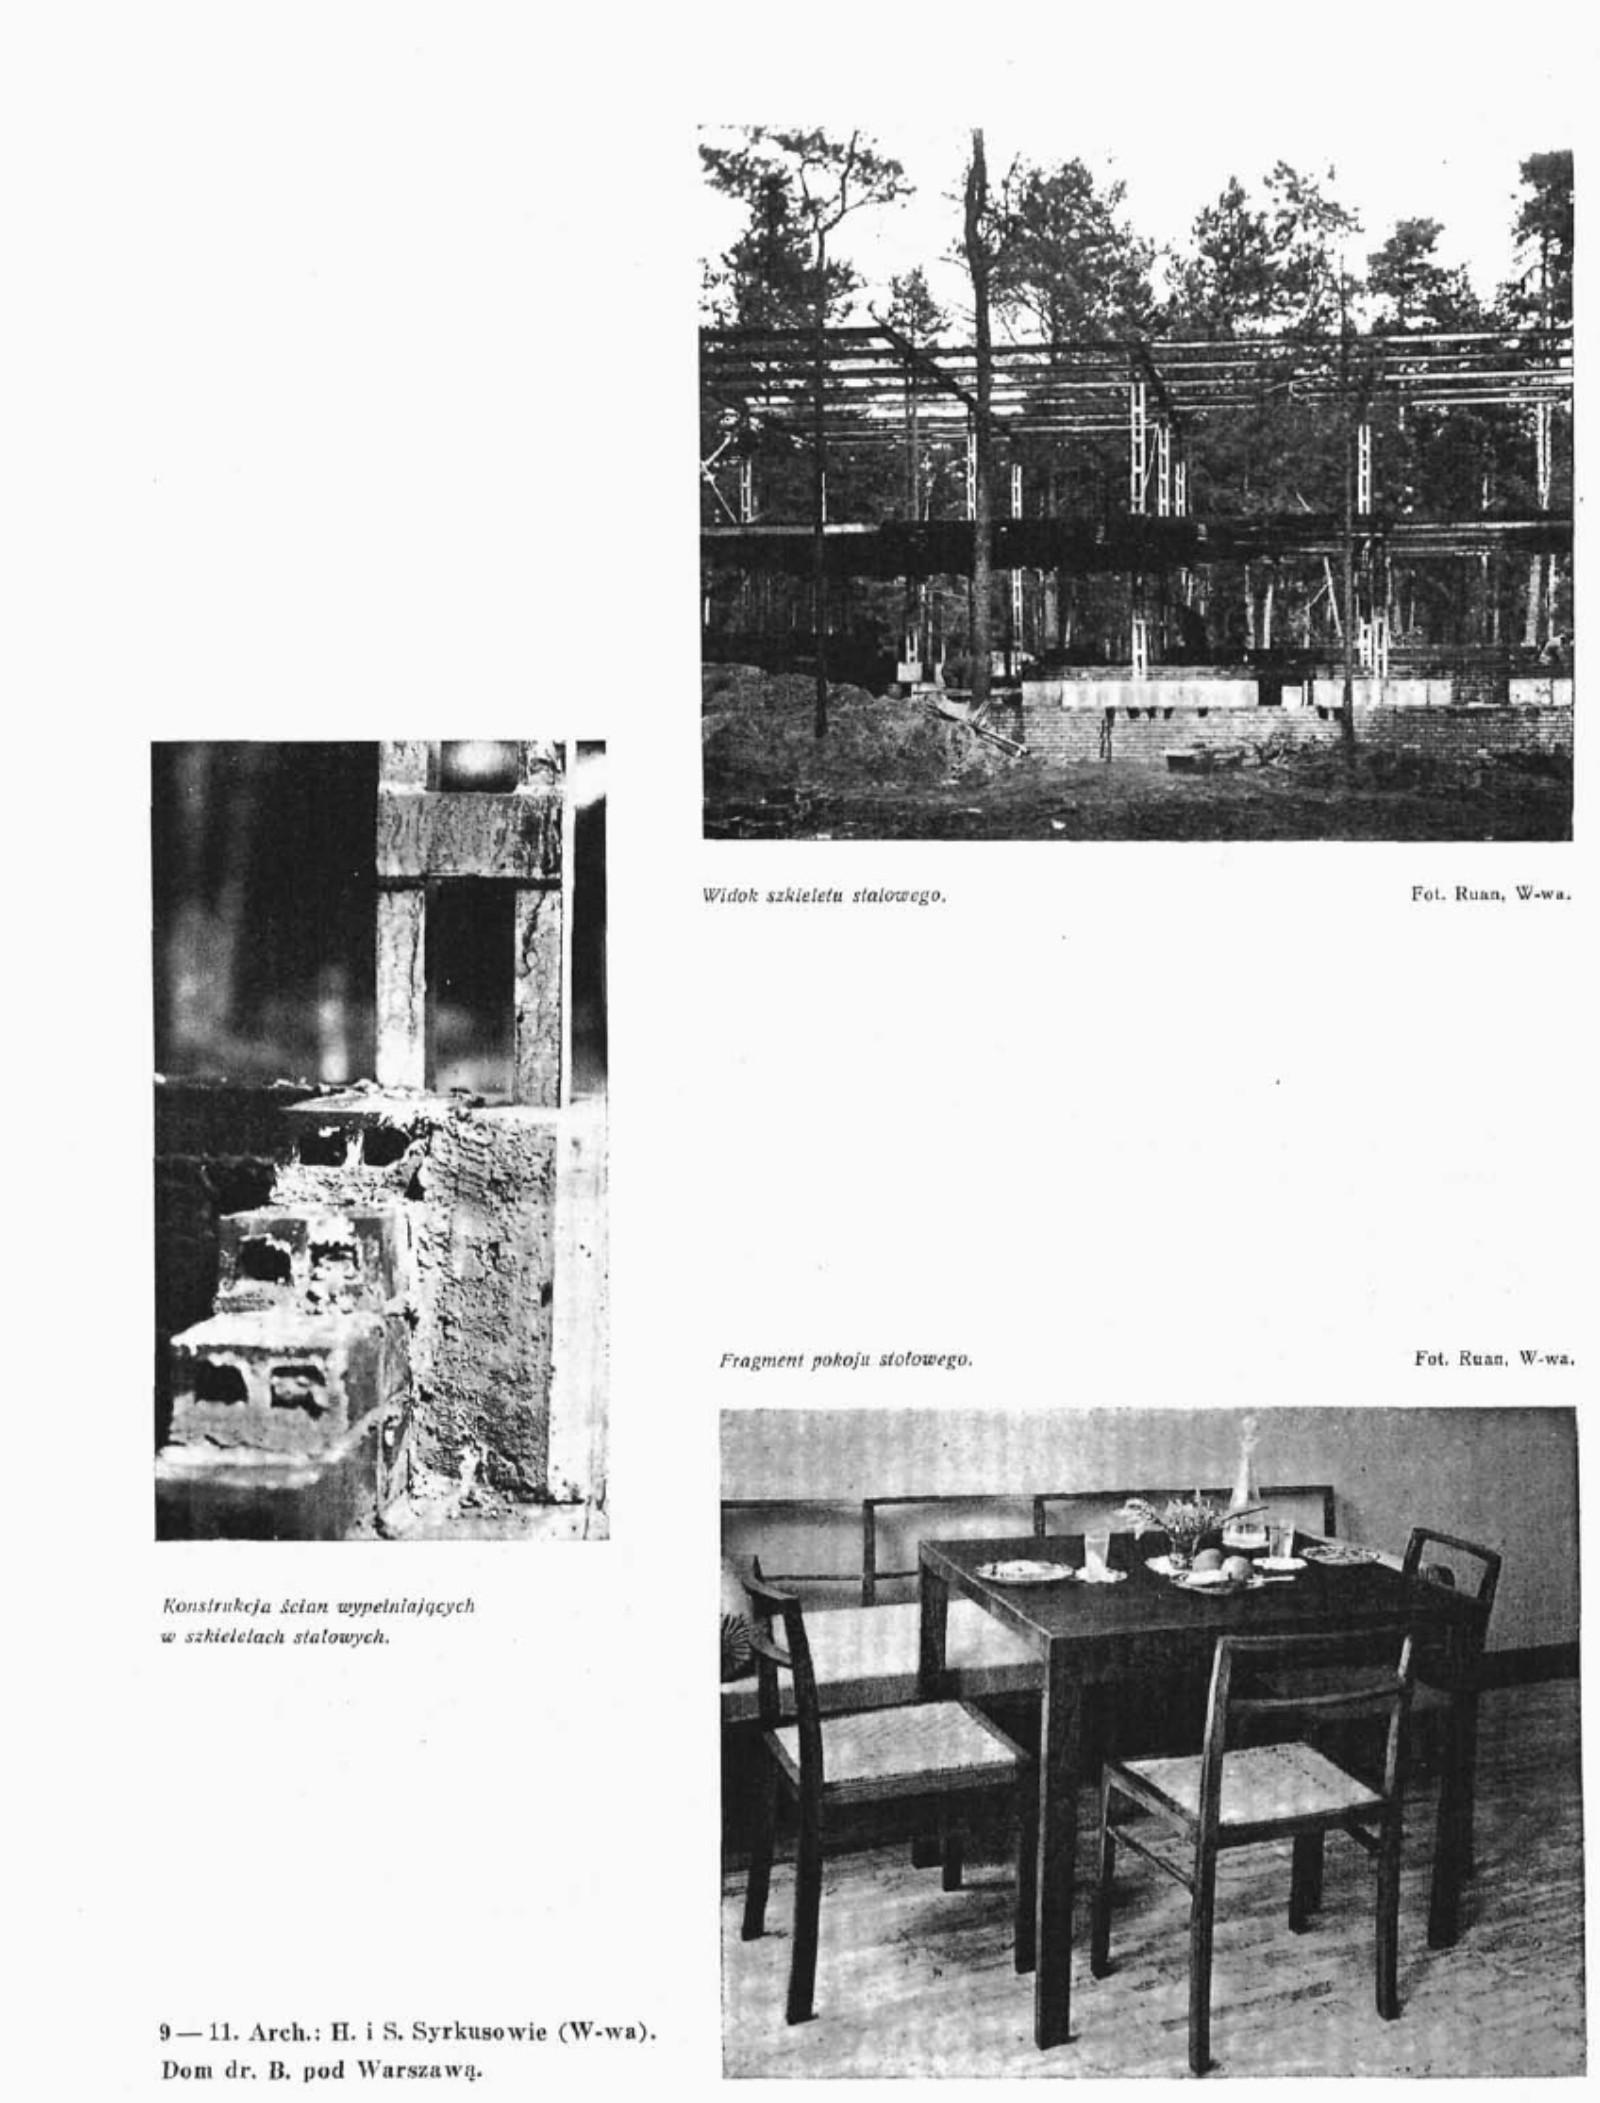 Stalowa konstrukcja domu przy Jasiowej i wyposażenie wnętrza mieszkalnego (Architektura i Budownictwo nr 4 1934 r)